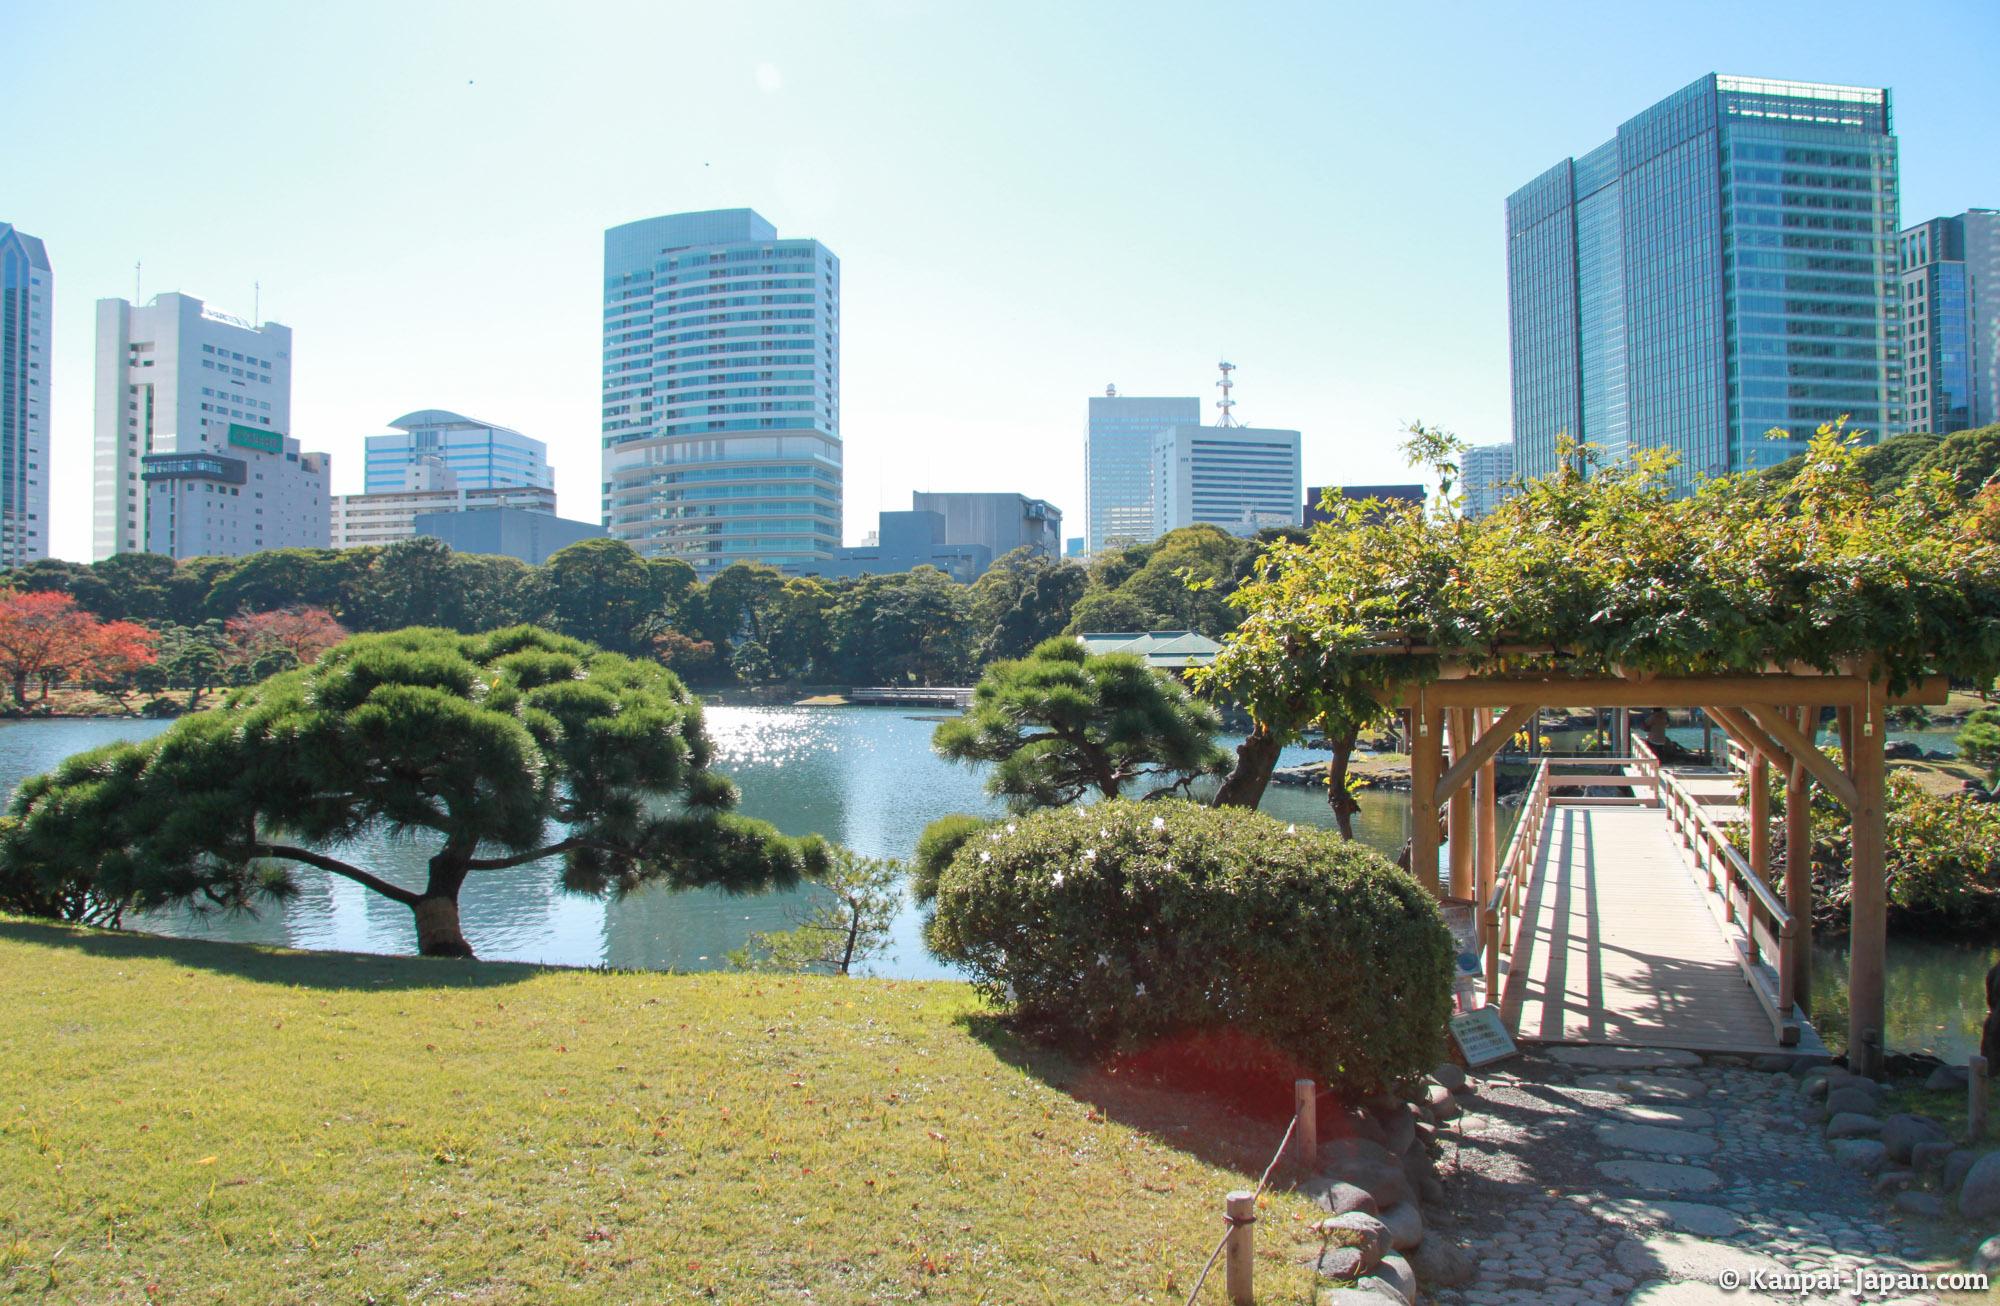 300 Garden Walk: The Japanese Garden Between Tokyo Buildings